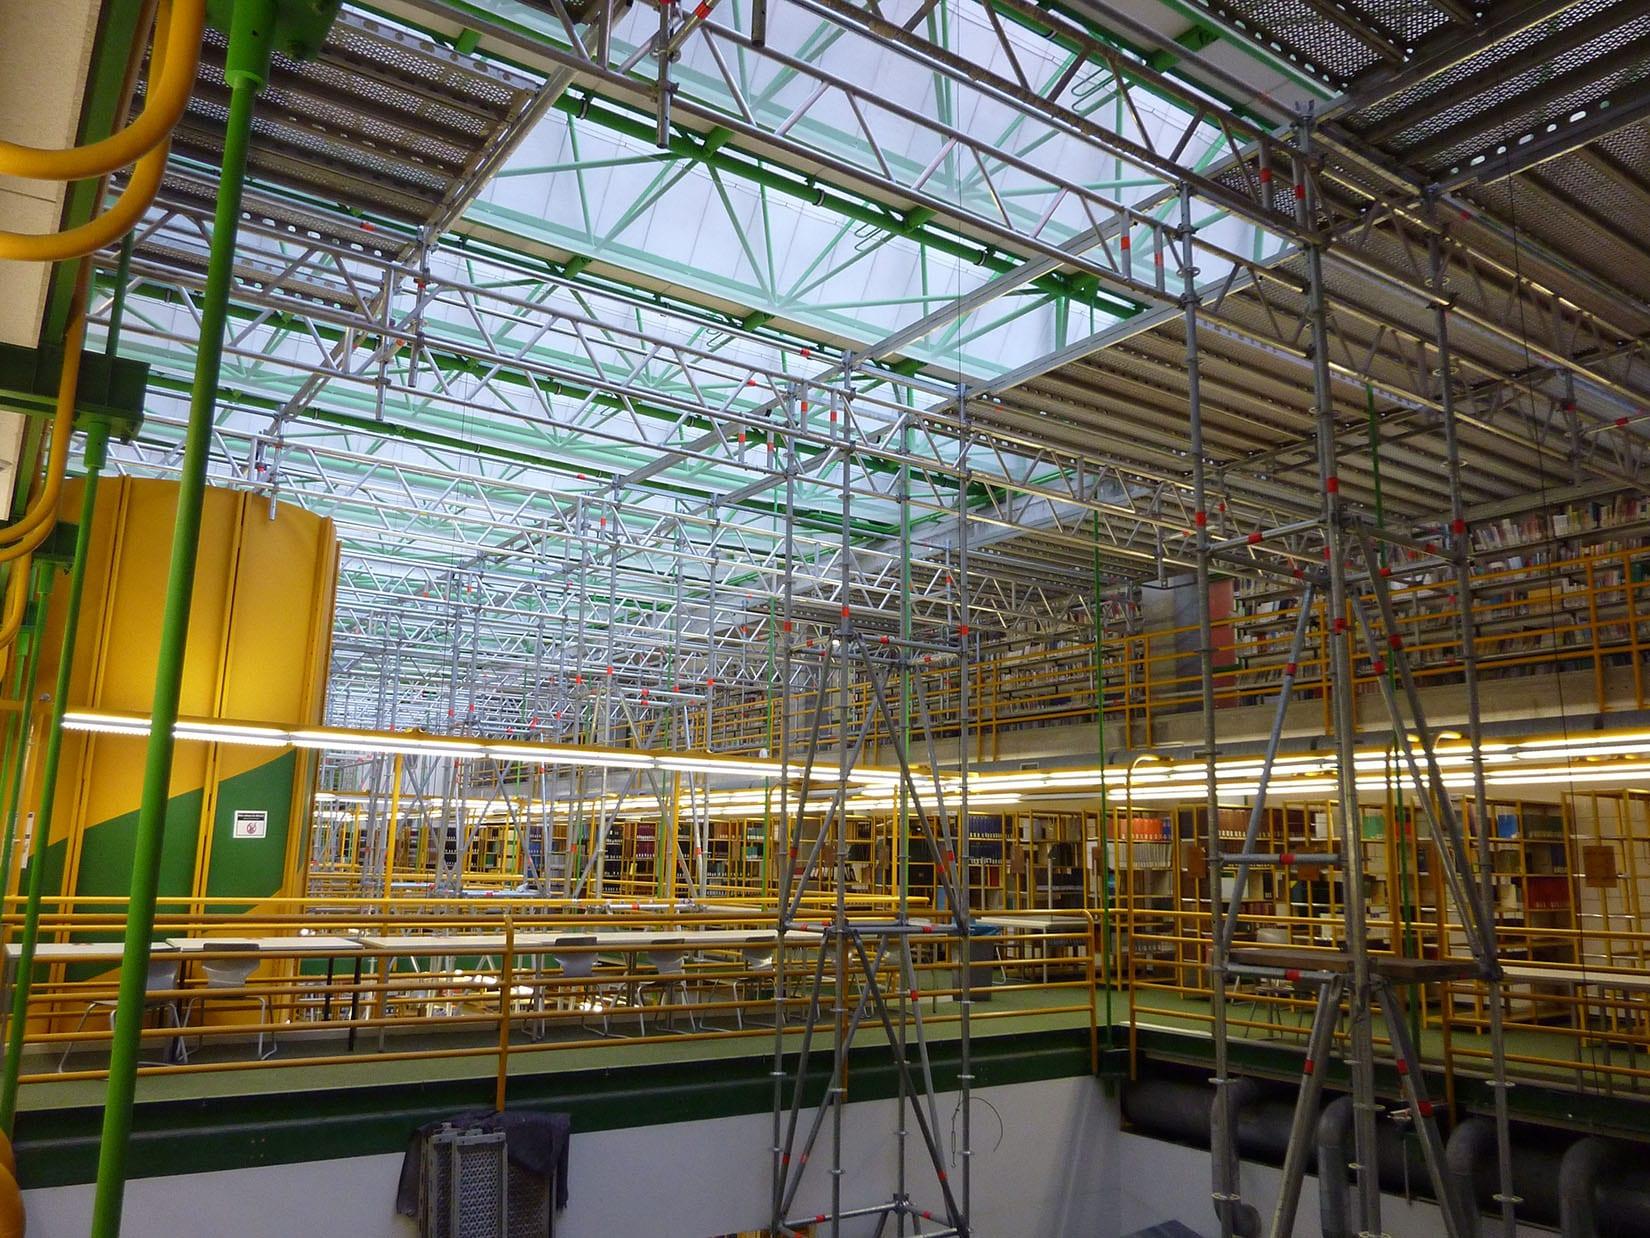 Ab 26. 2.: Bauarbeiten in der WSZB werden fortgesetzt ...